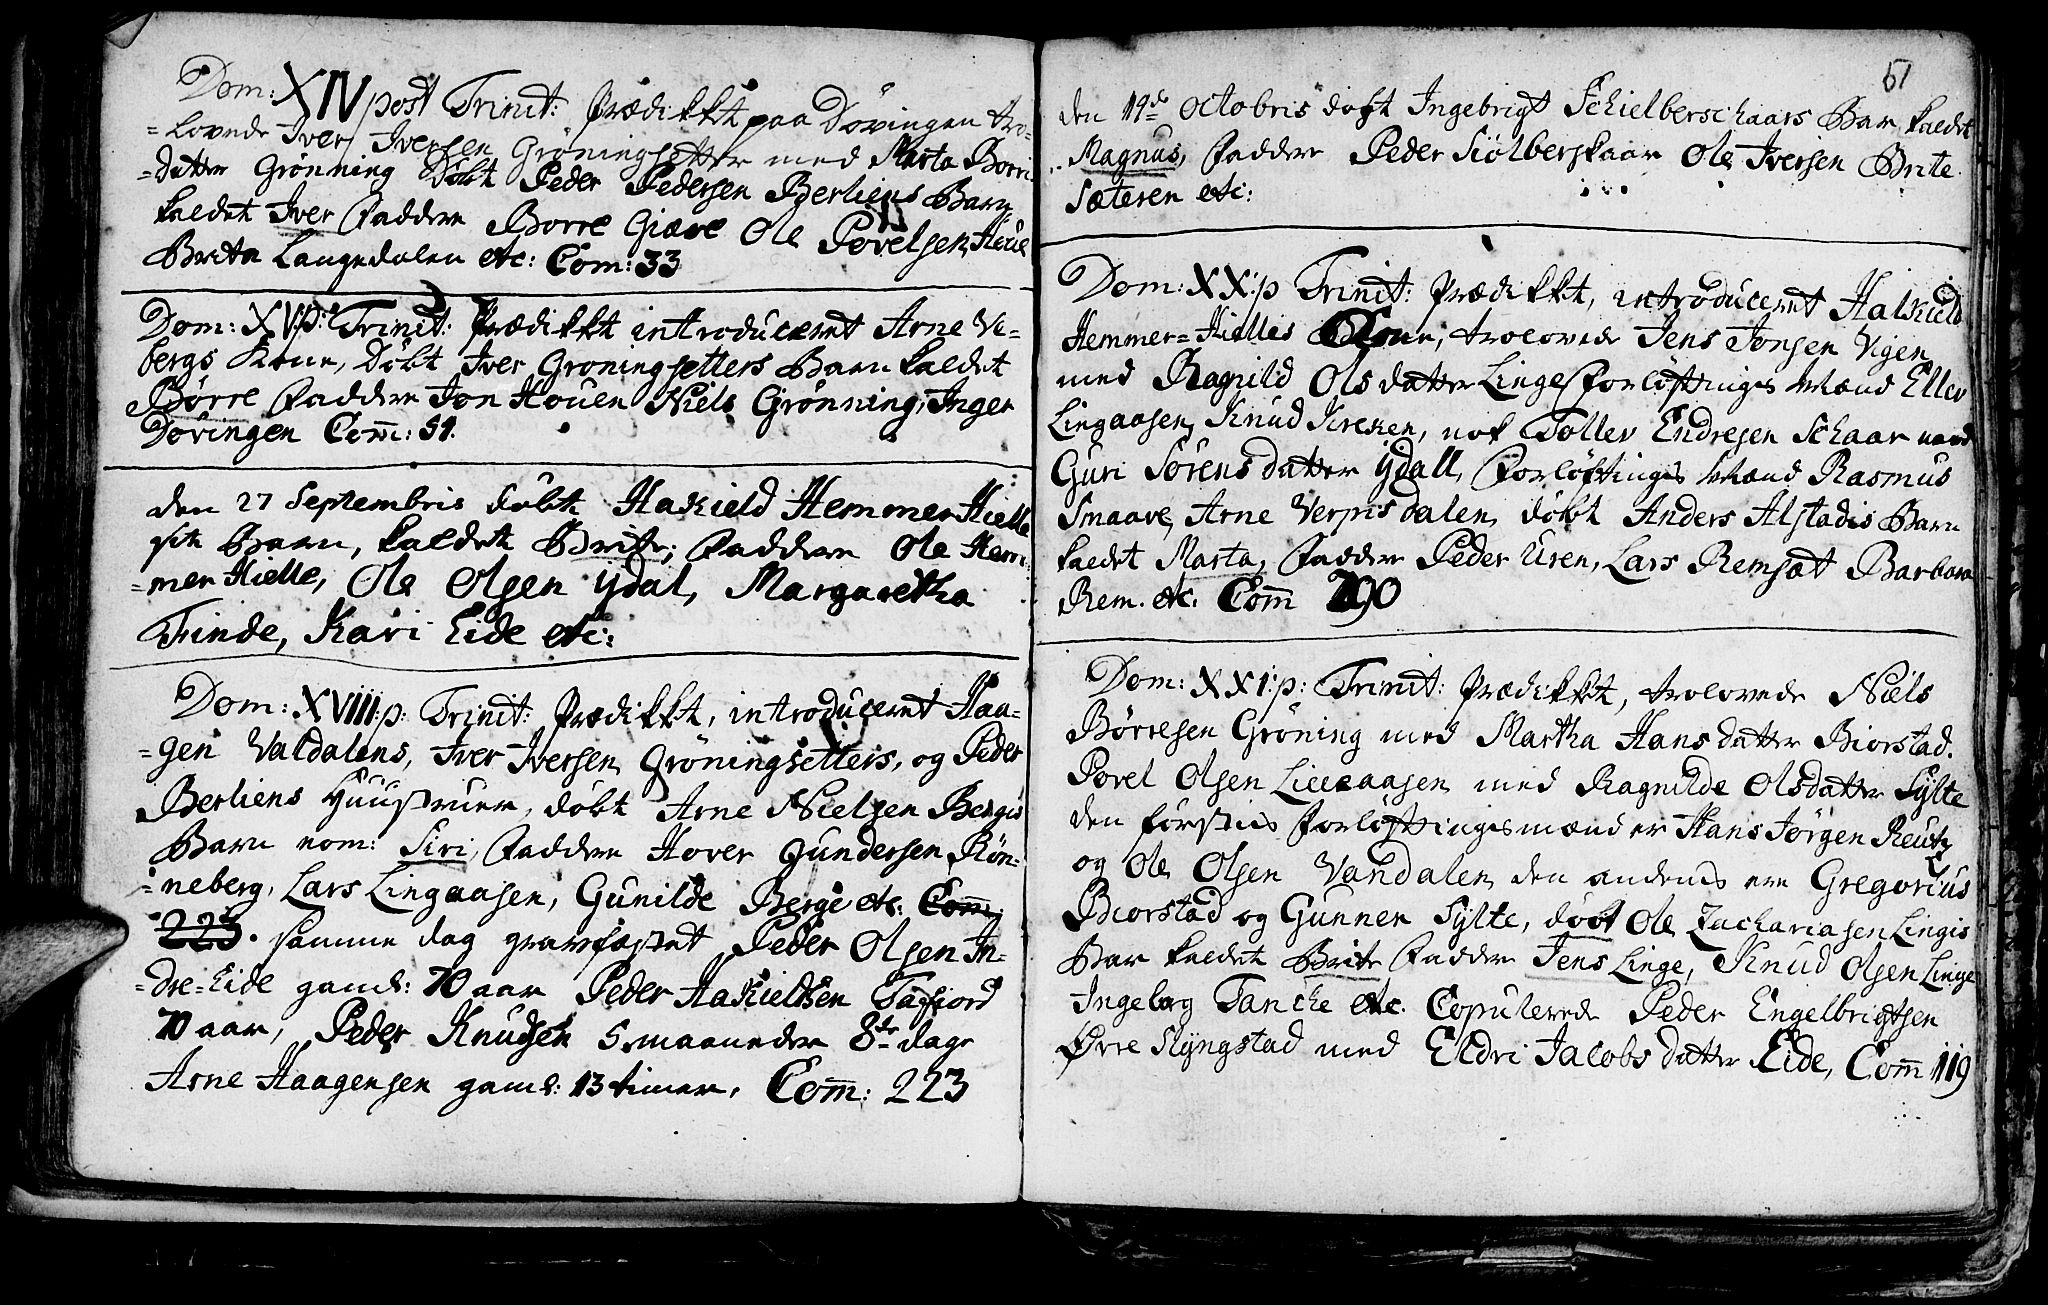 SAT, Ministerialprotokoller, klokkerbøker og fødselsregistre - Møre og Romsdal, 519/L0240: Ministerialbok nr. 519A01 /1, 1736-1760, s. 51